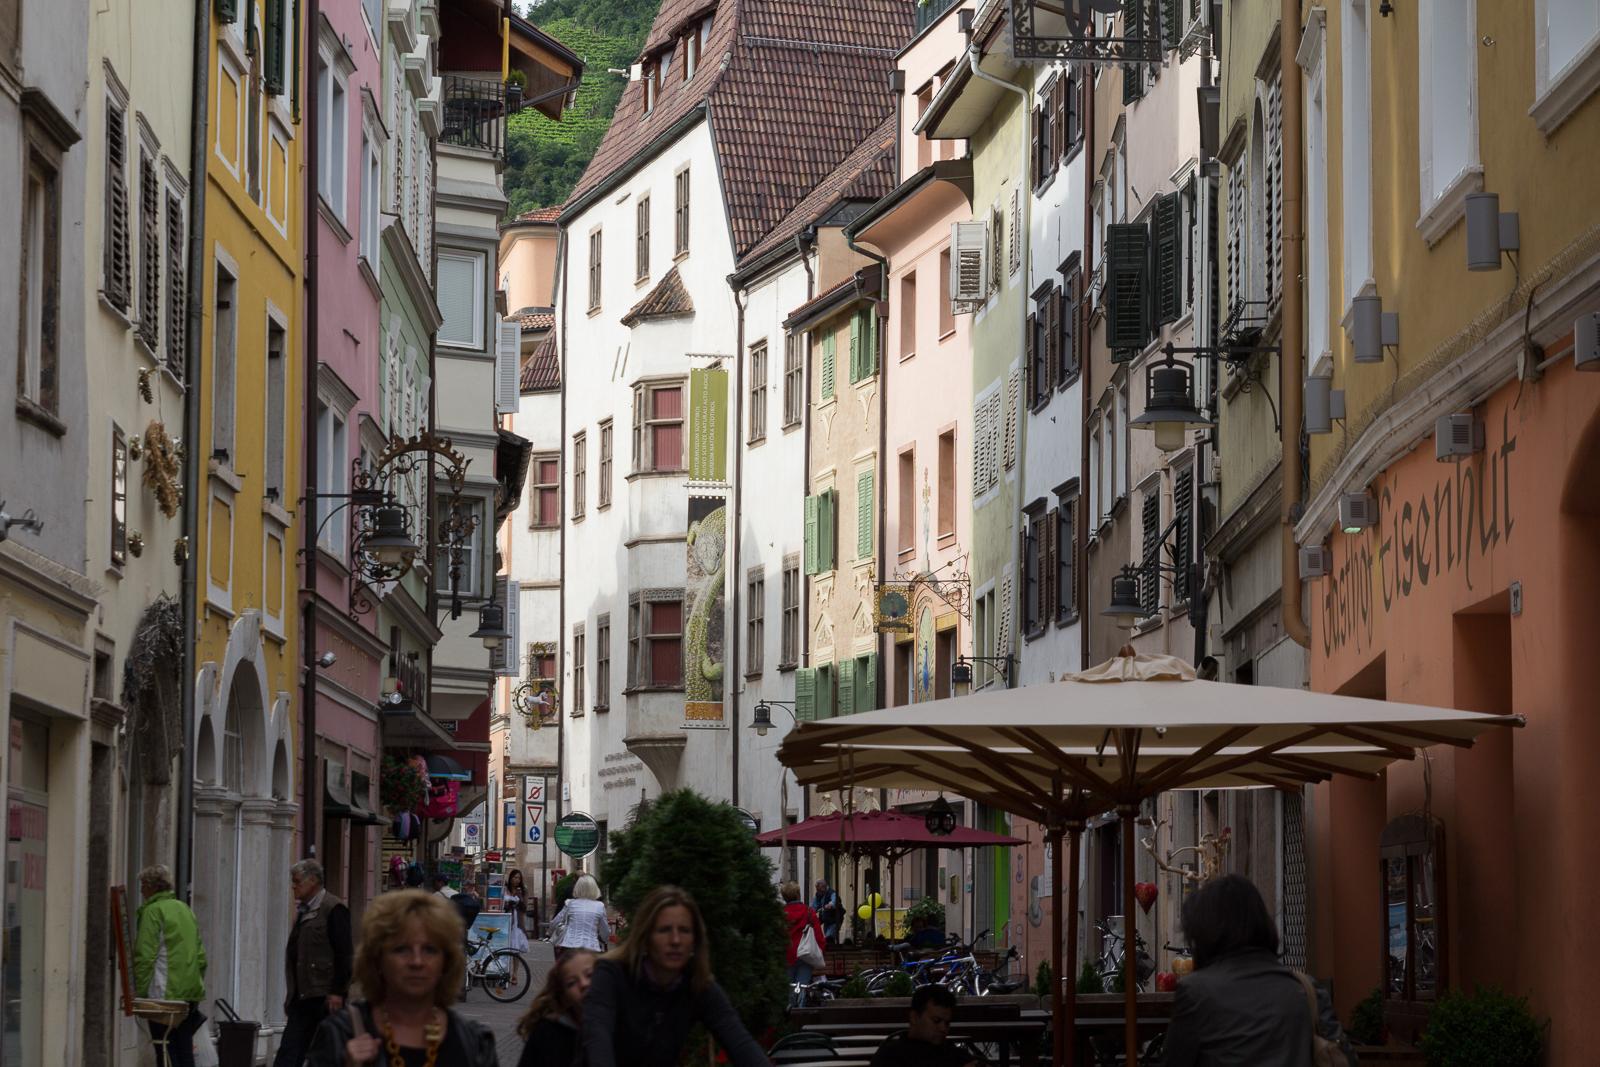 Bolzano - Bosen street view